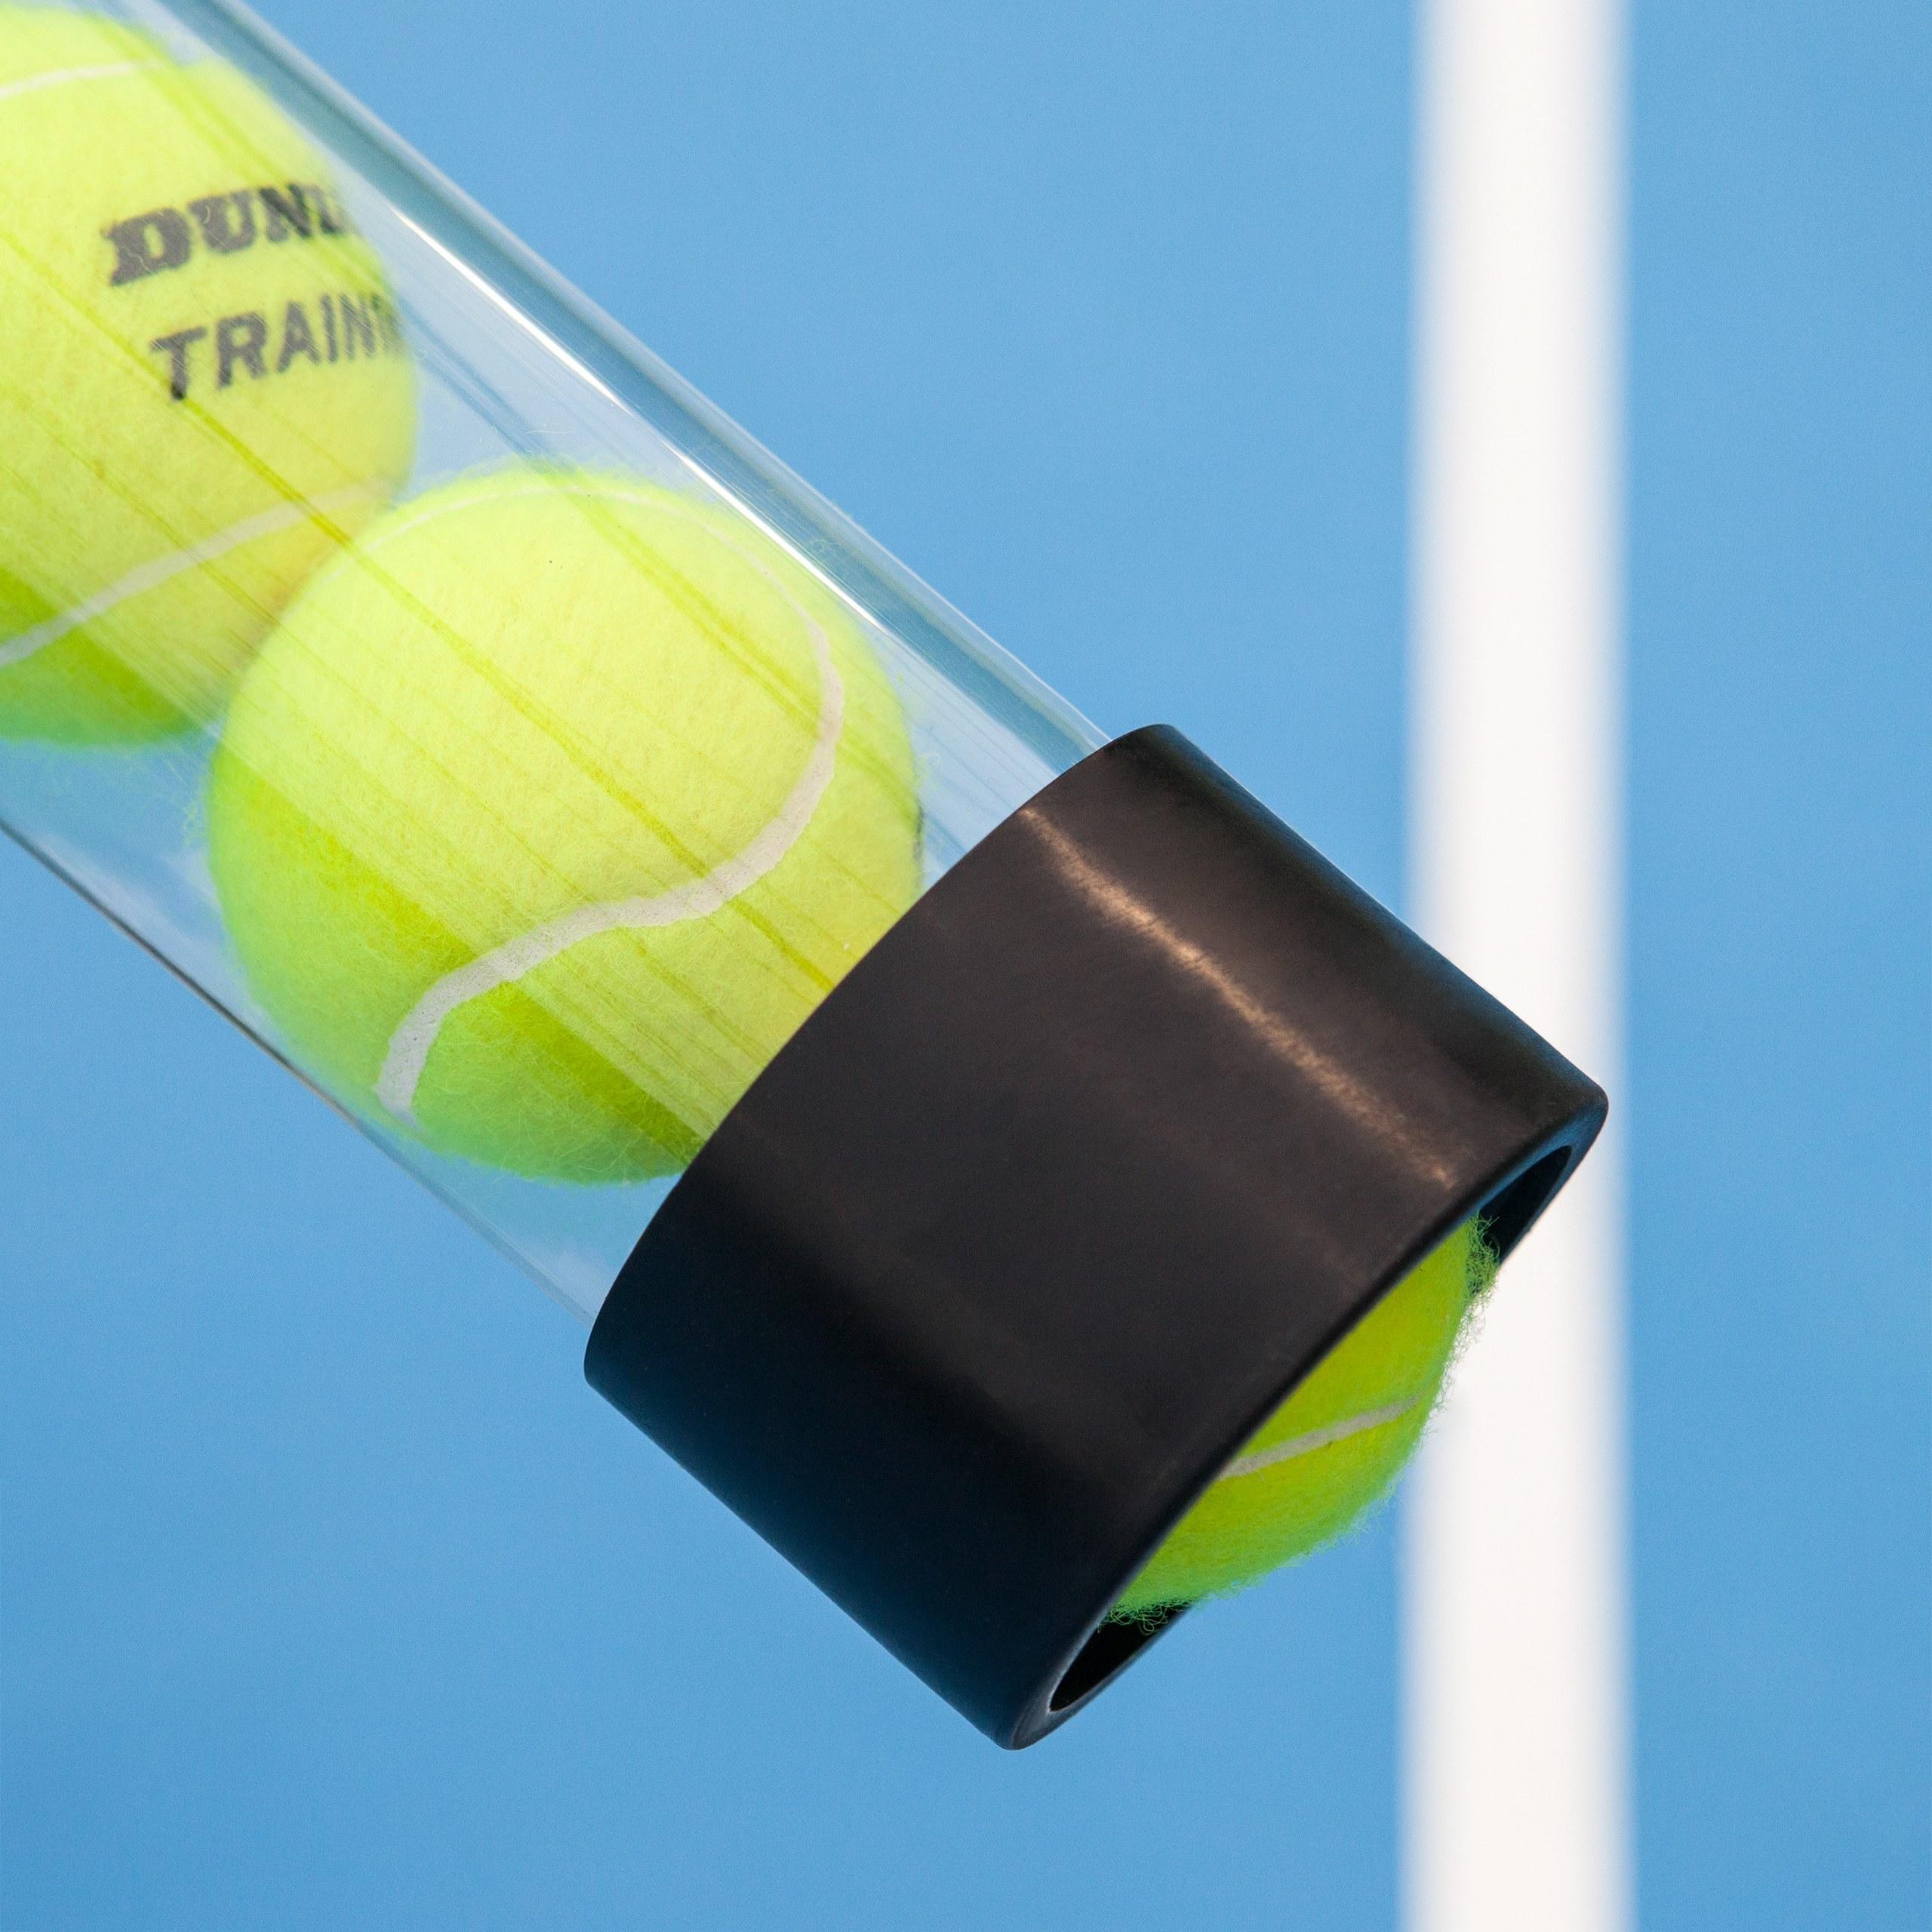 Tennis Ball Collector Tube Rubber Base